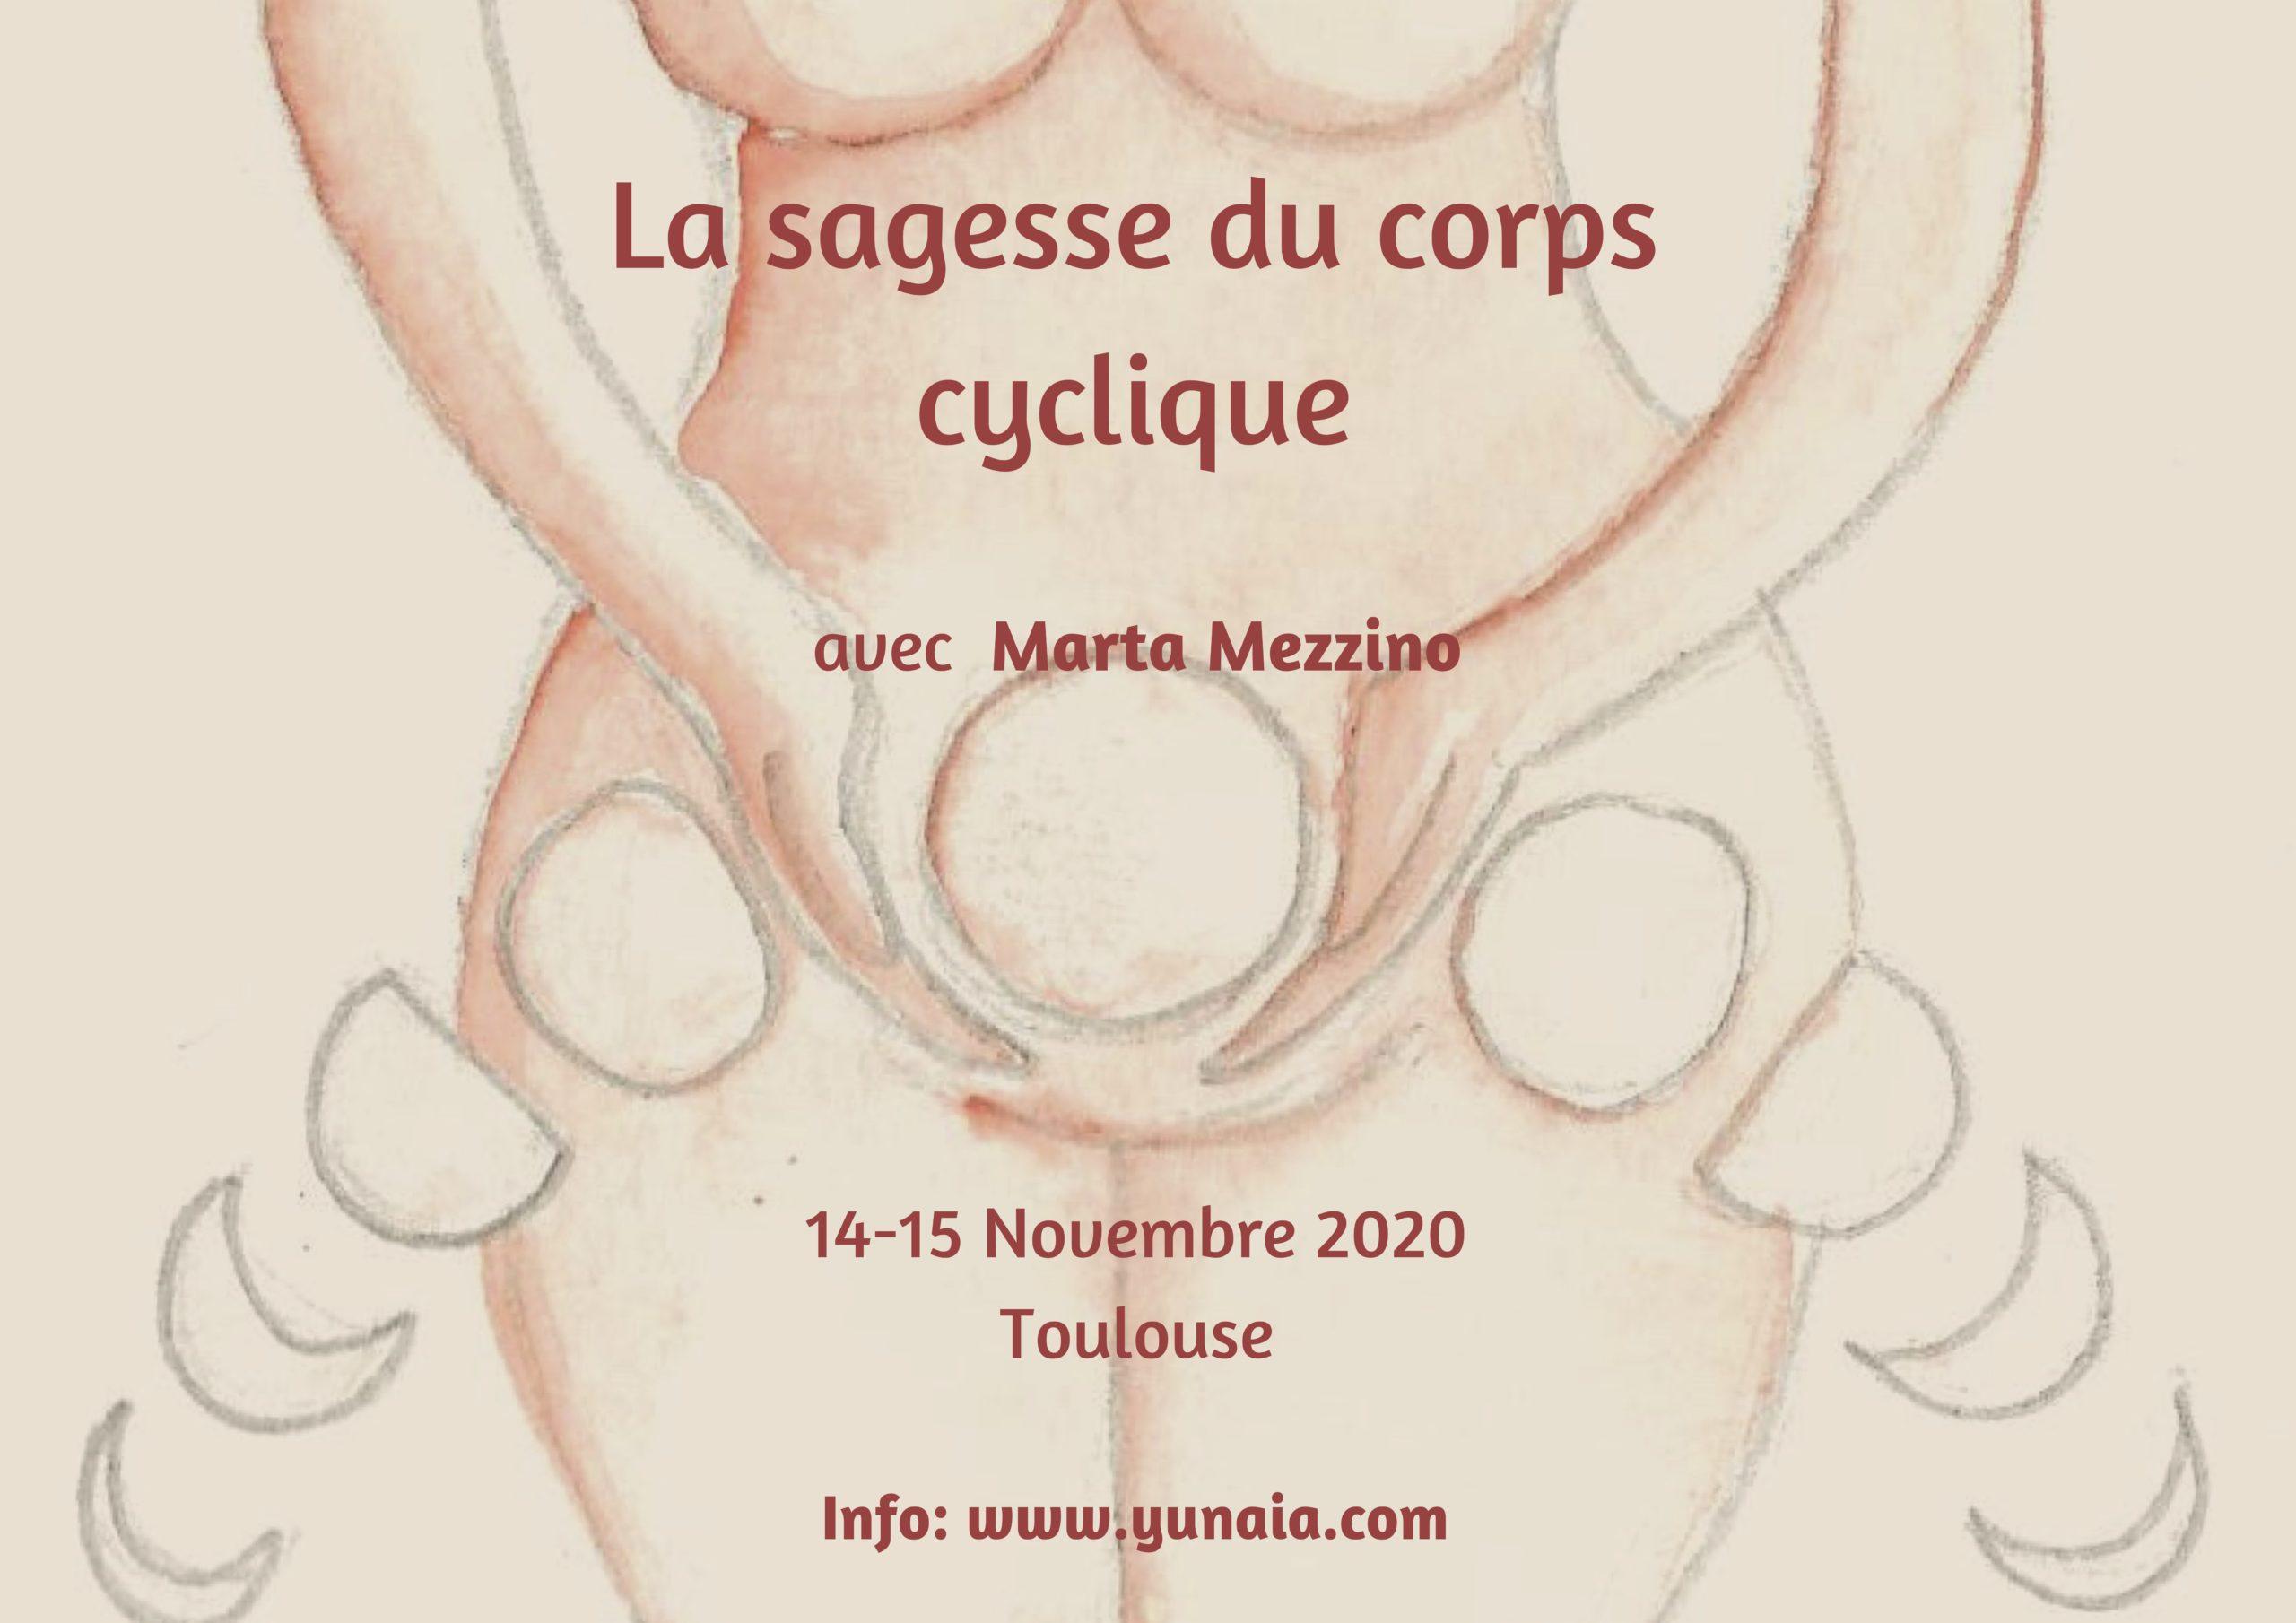 La sagesse du corps cyclique Stage Avec Marta Mezzino